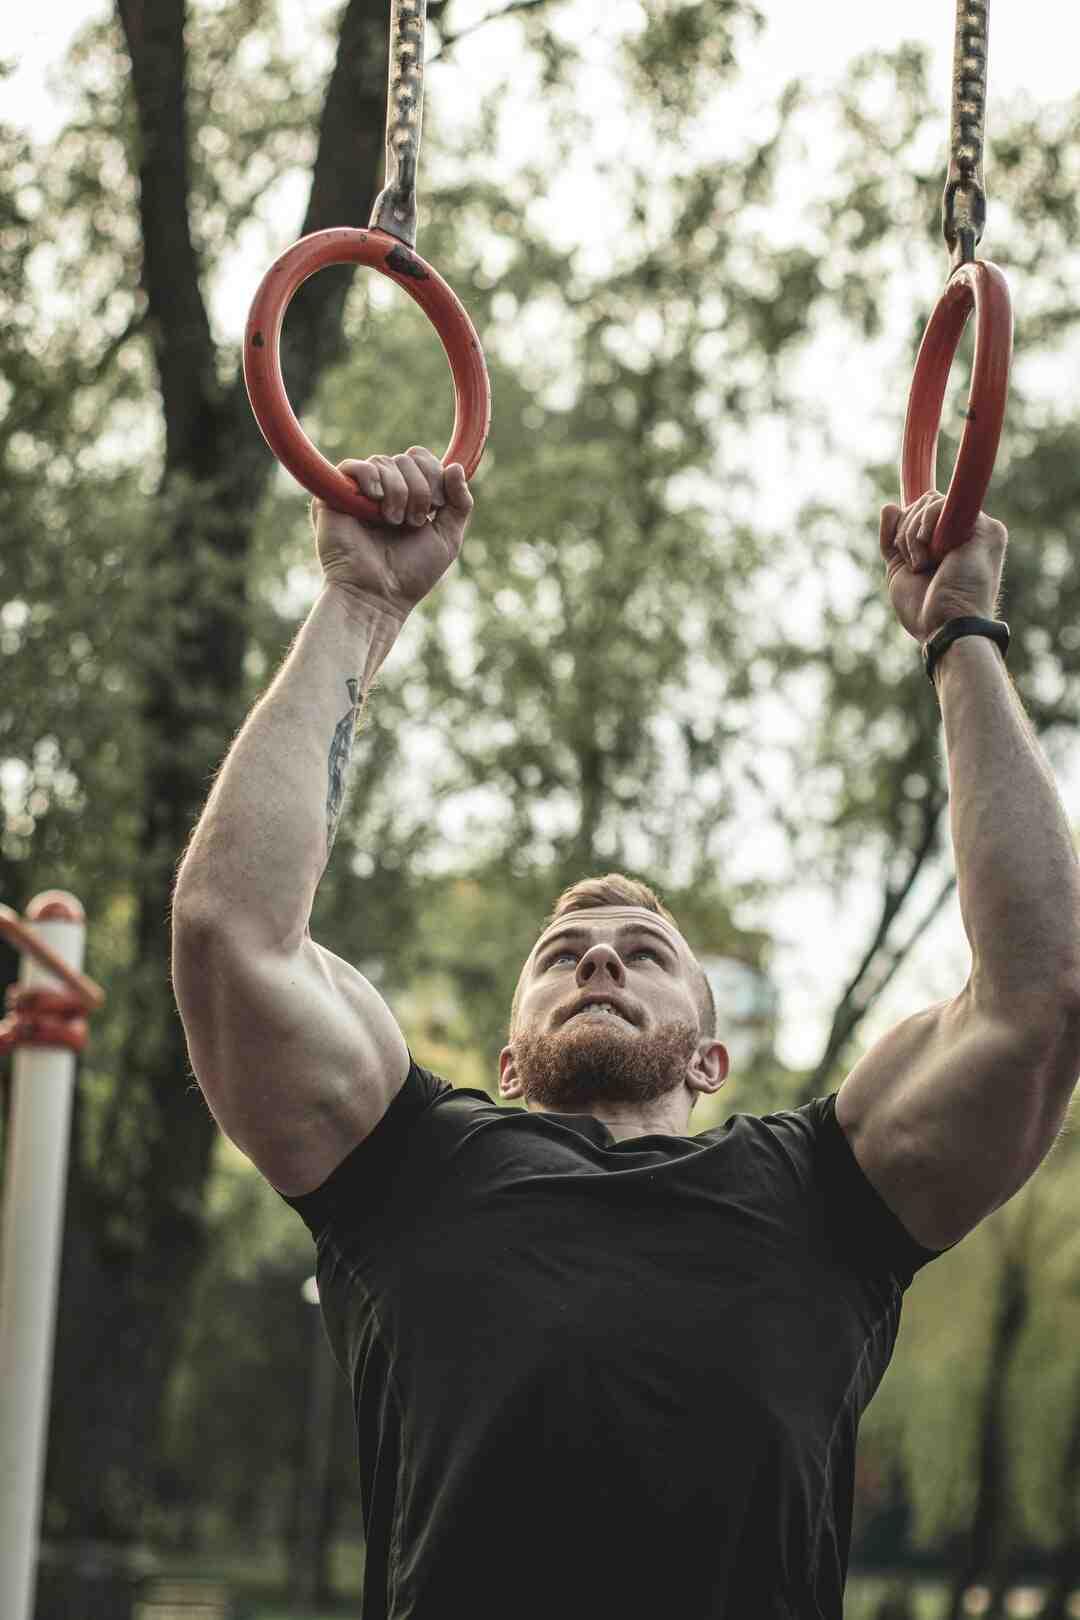 Comment soigner les spasmes musculaires au dos